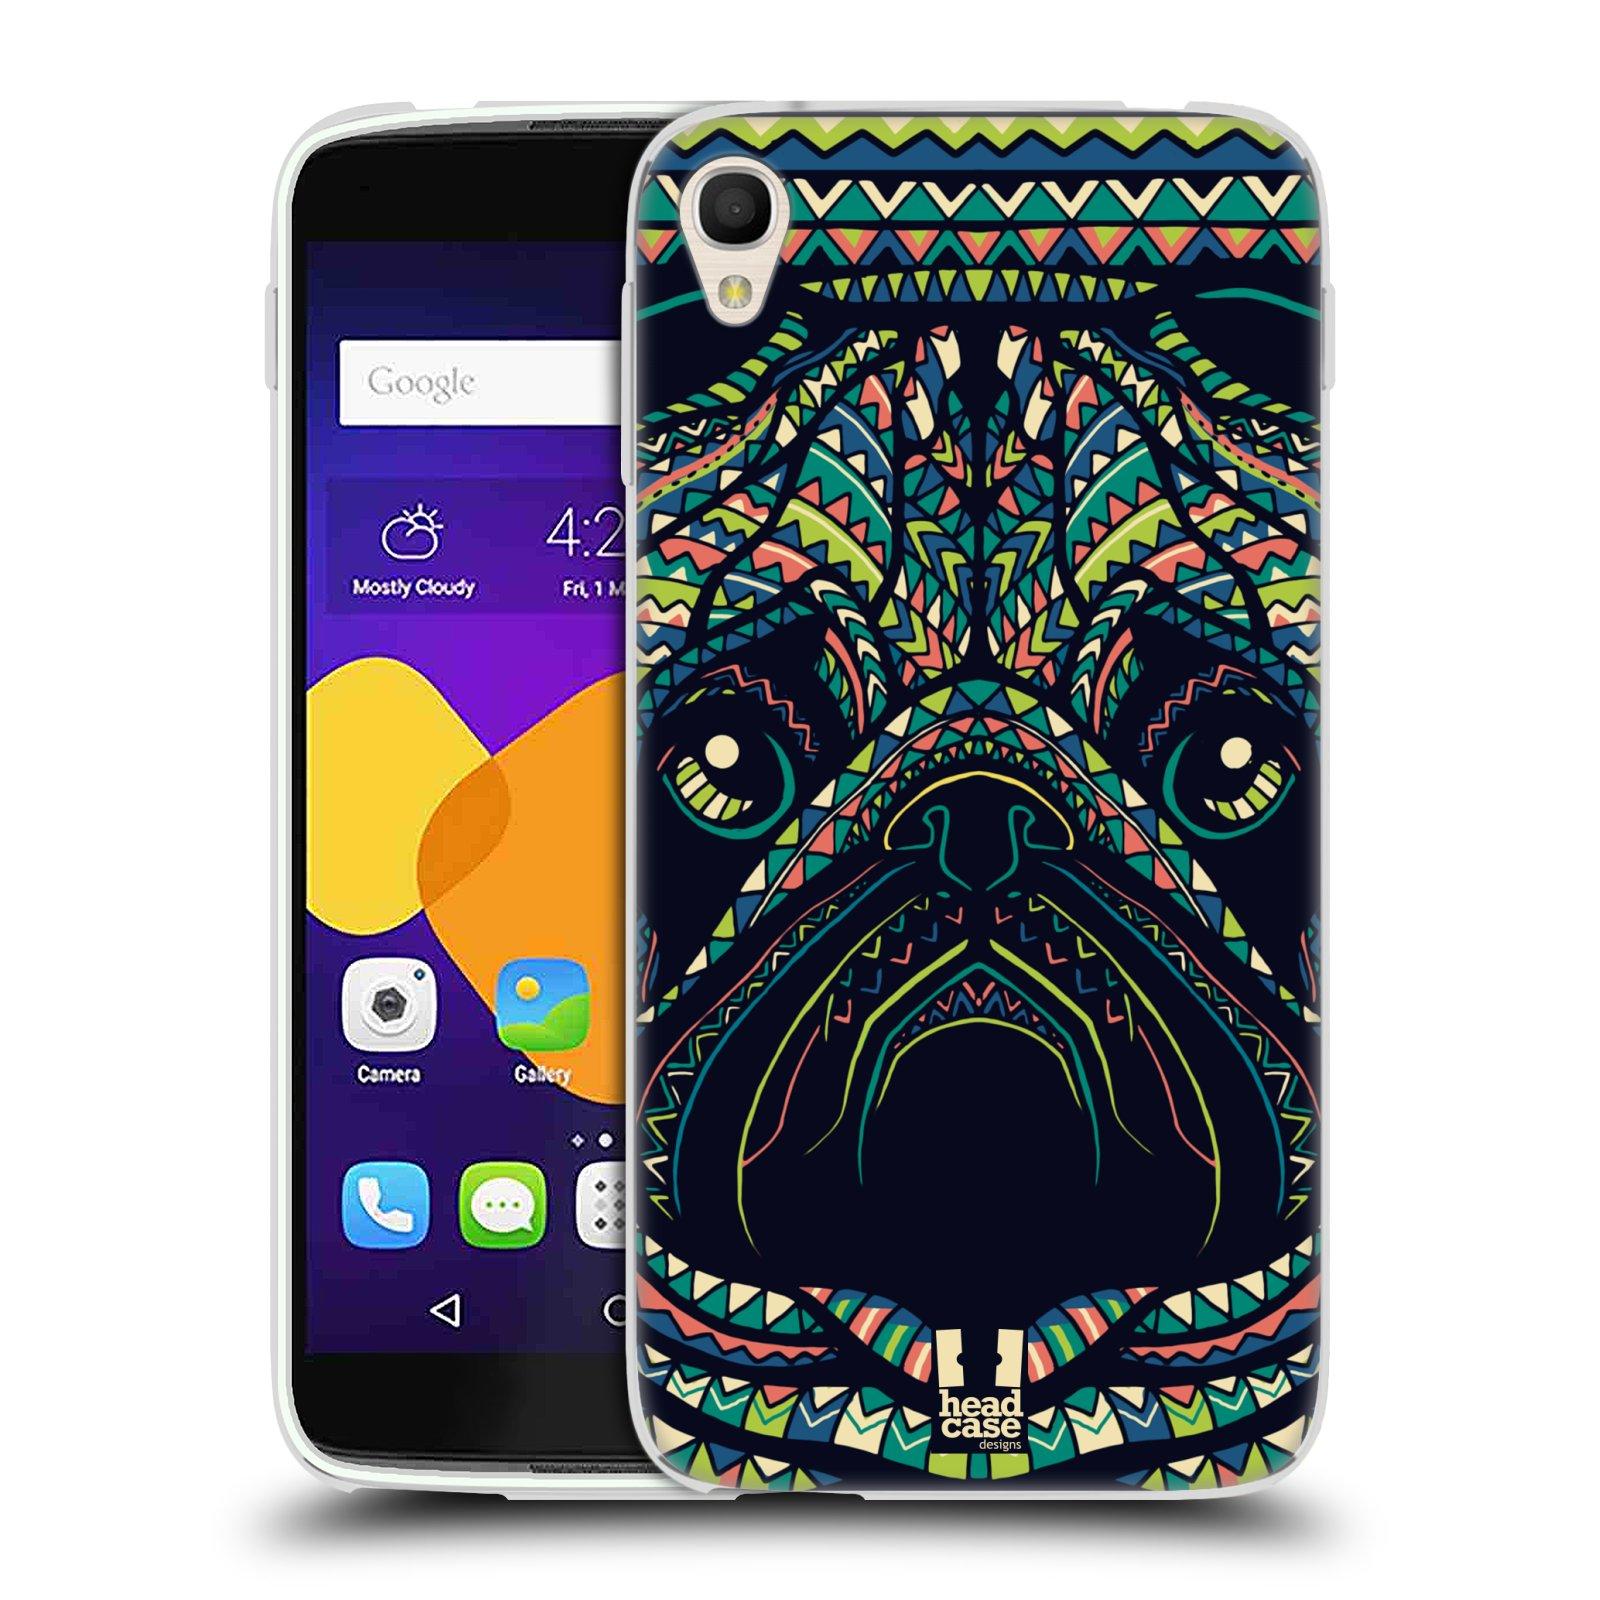 HEAD CASE silikonový obal na mobil Alcatel Idol 3 OT-6045Y (5.5) vzor Aztécký motiv zvíře 3 mopsík